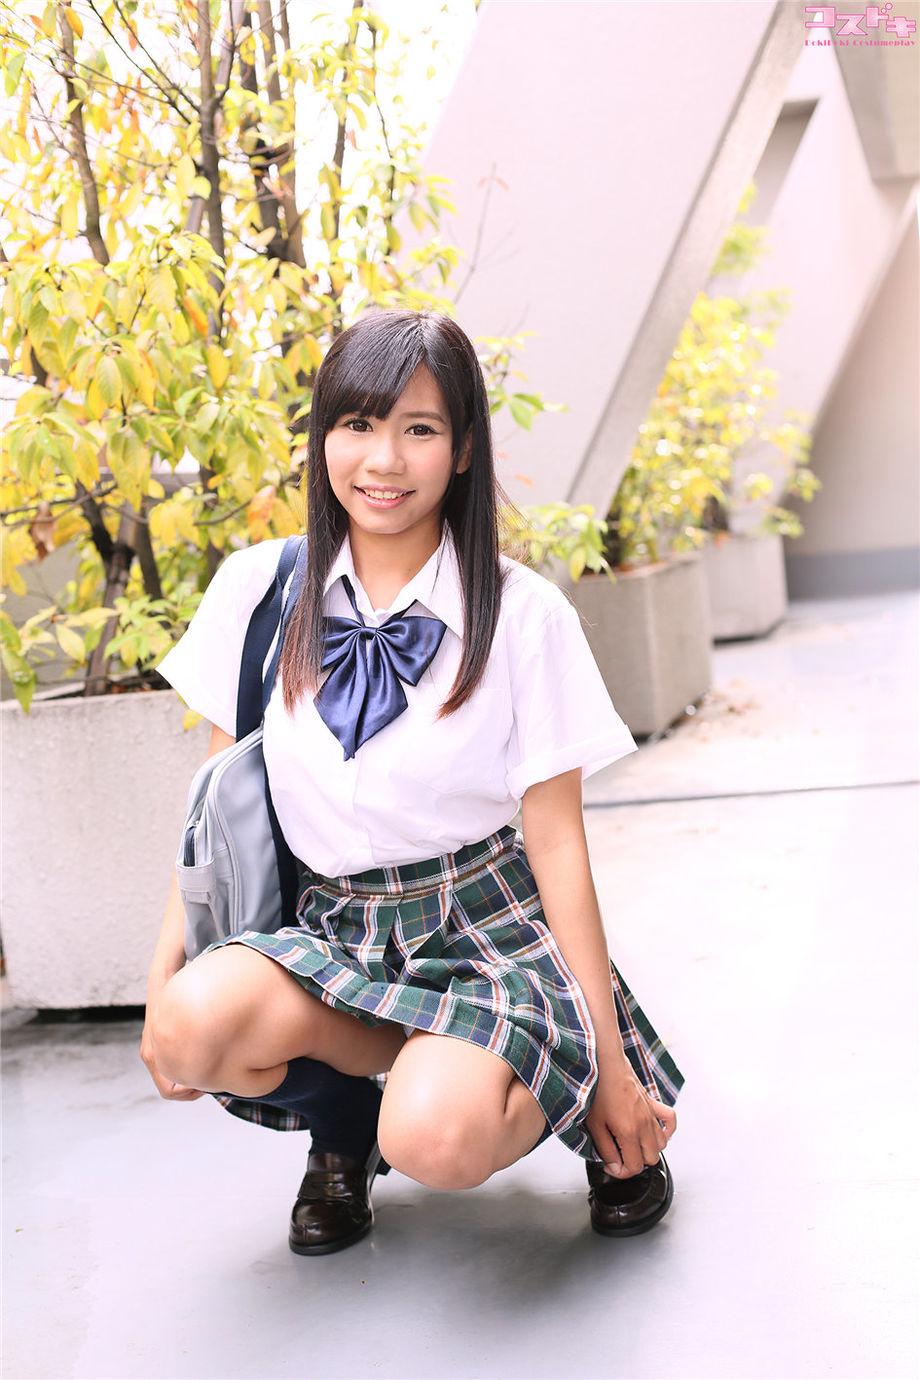 清純可愛學生妹ルナ制服美女寫真圖片 - Cup S